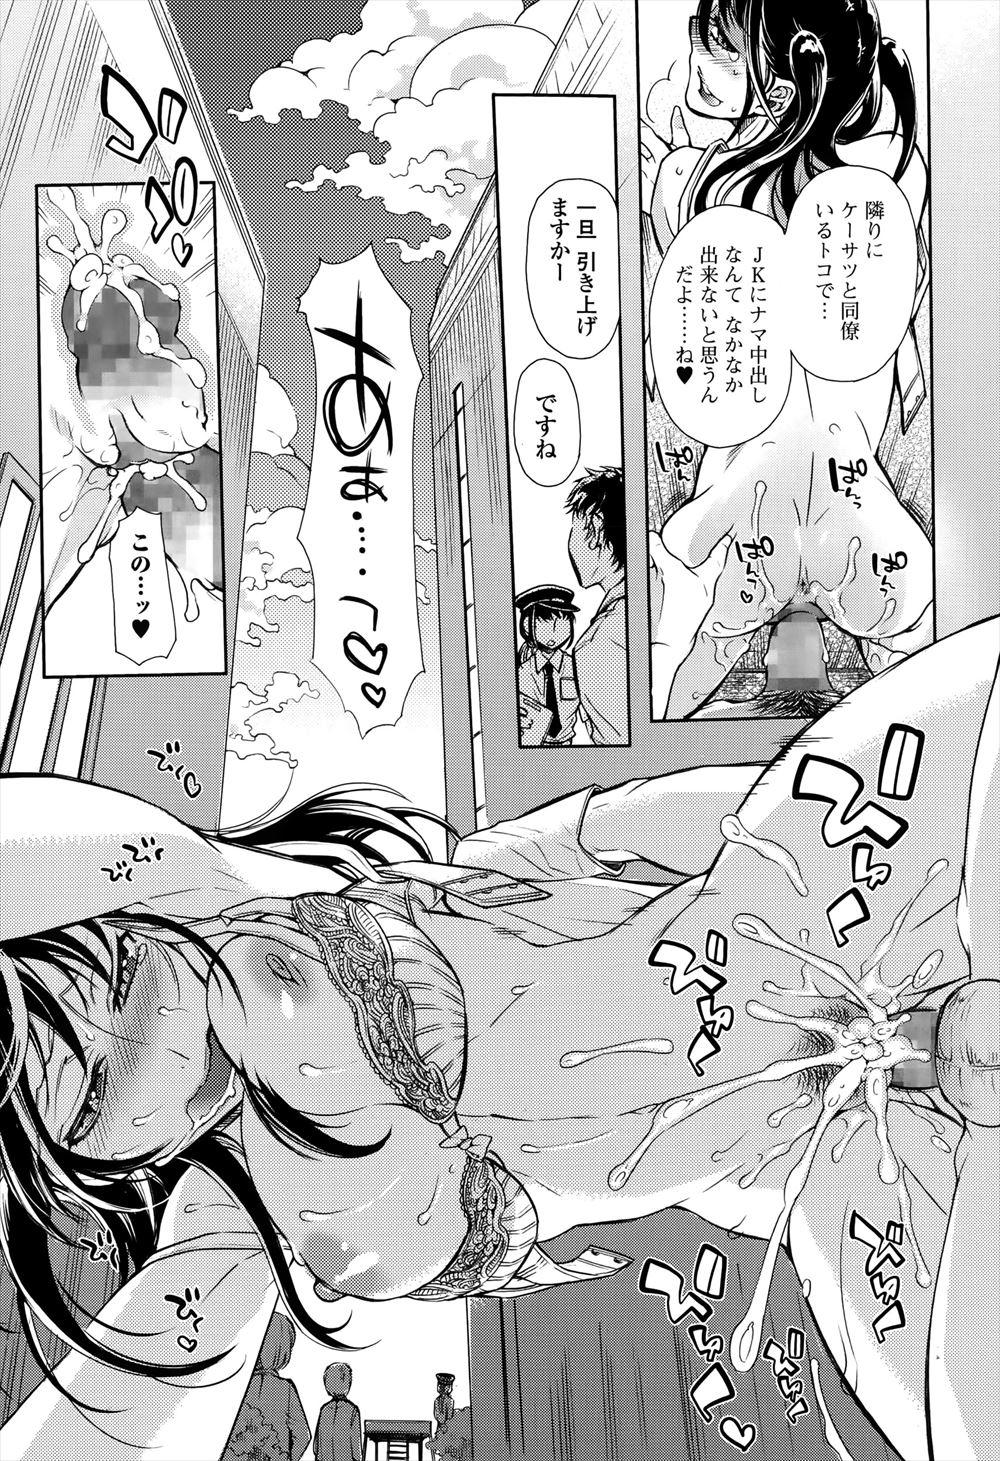 【エロ漫画・エロ同人】巨乳女子校生が学校の屋上で先生とセックスしてたらスカートが風に飛ばされて下に落ちたから露出状態で取りに行ってるw段々露出でエッチな気分になって来て大興奮でセックスwww (15)